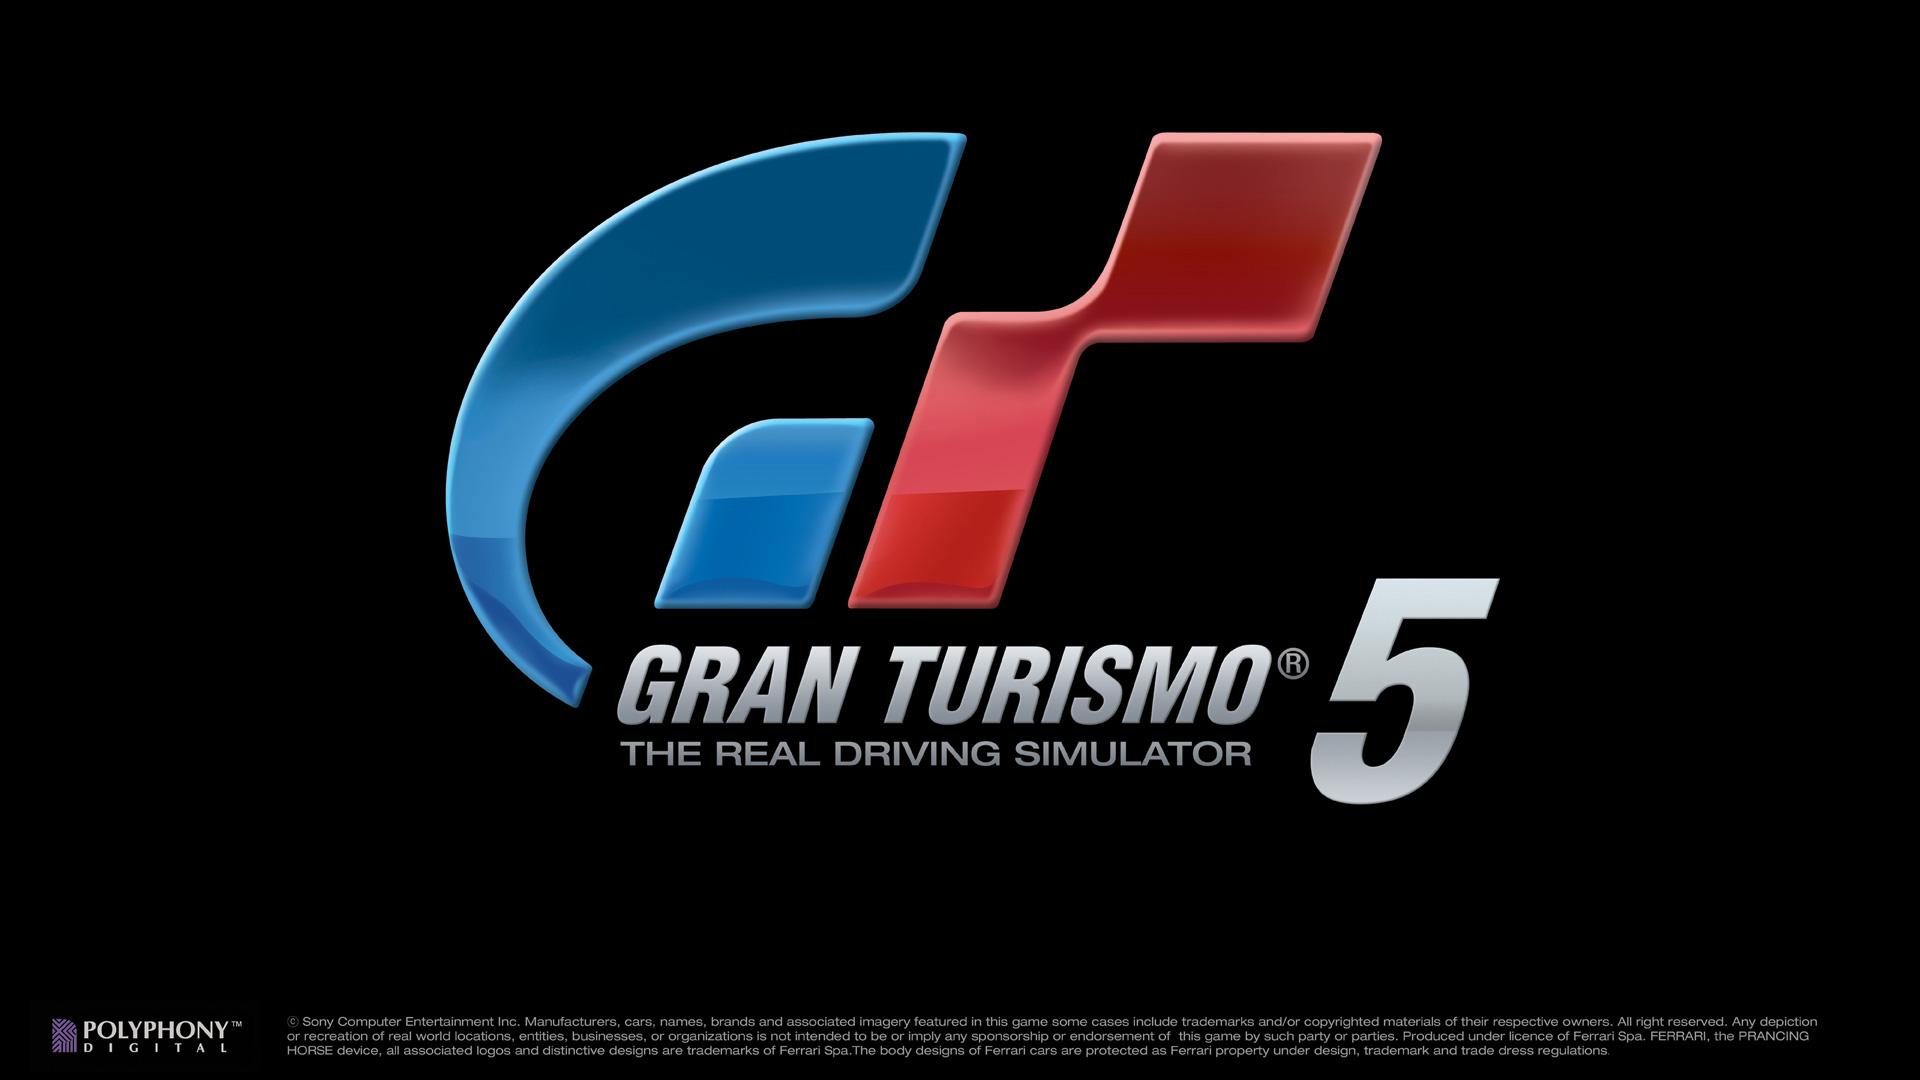 Gran Turismo 5 wallpaper 4